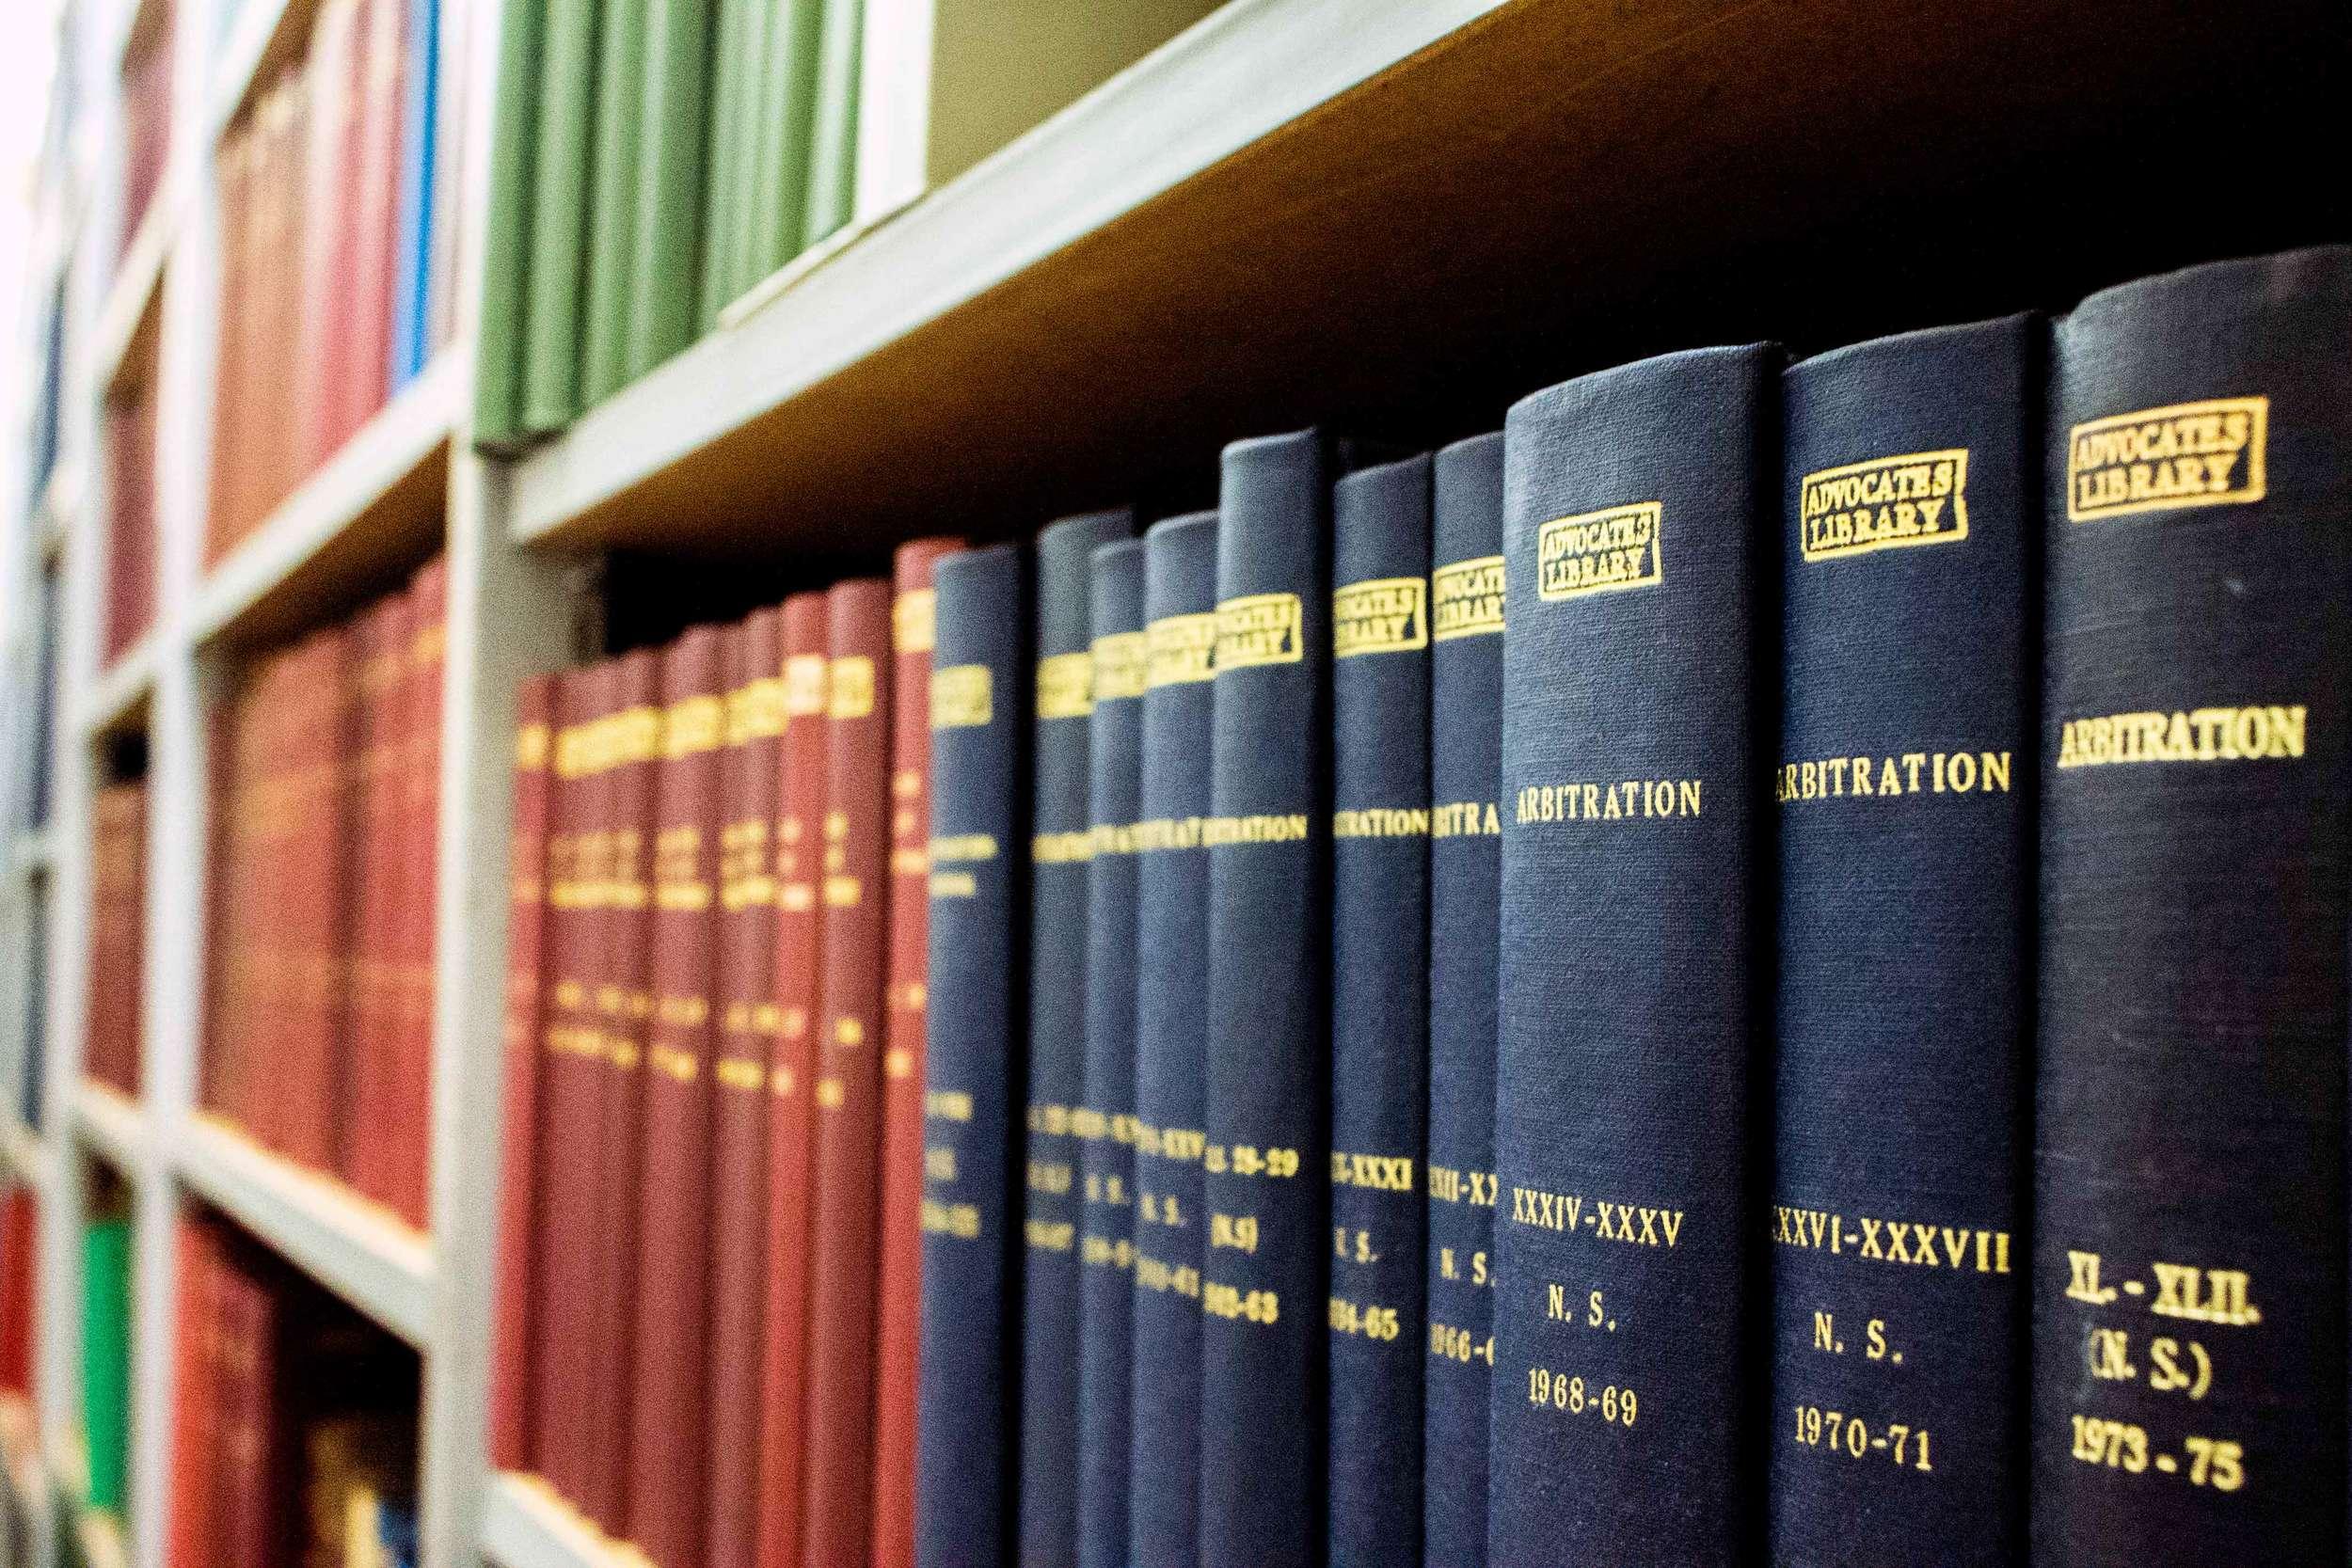 Periodicals various bindings